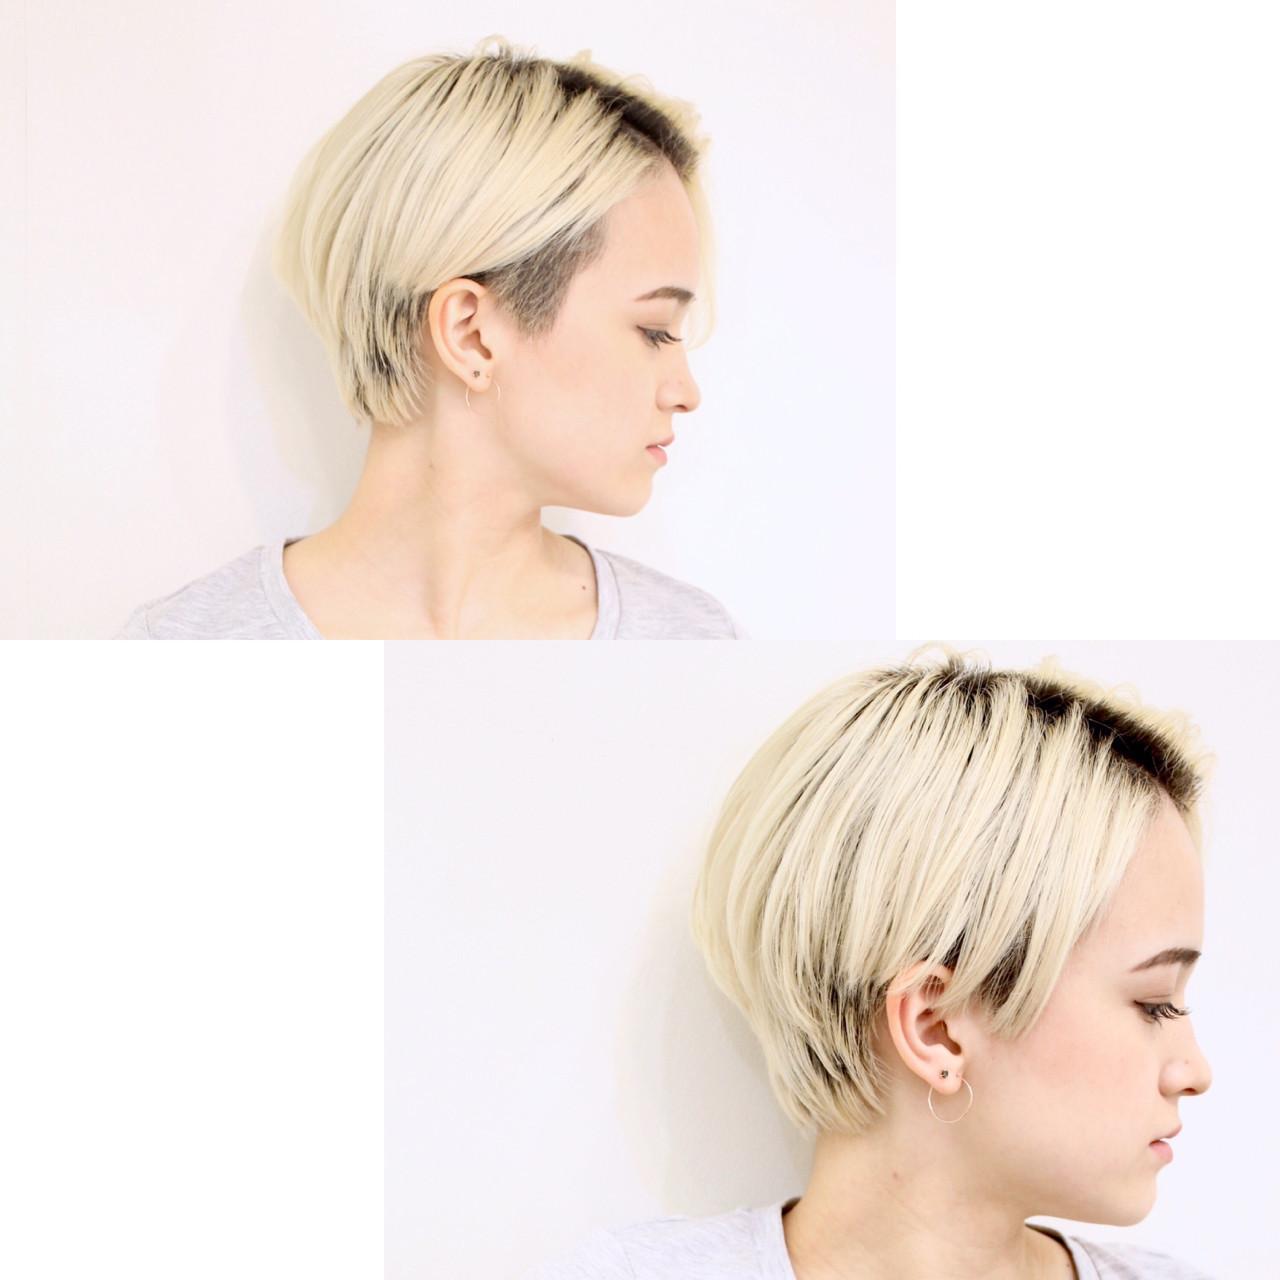 ショート 坊主 大人女子 ストレート ヘアスタイルや髪型の写真・画像